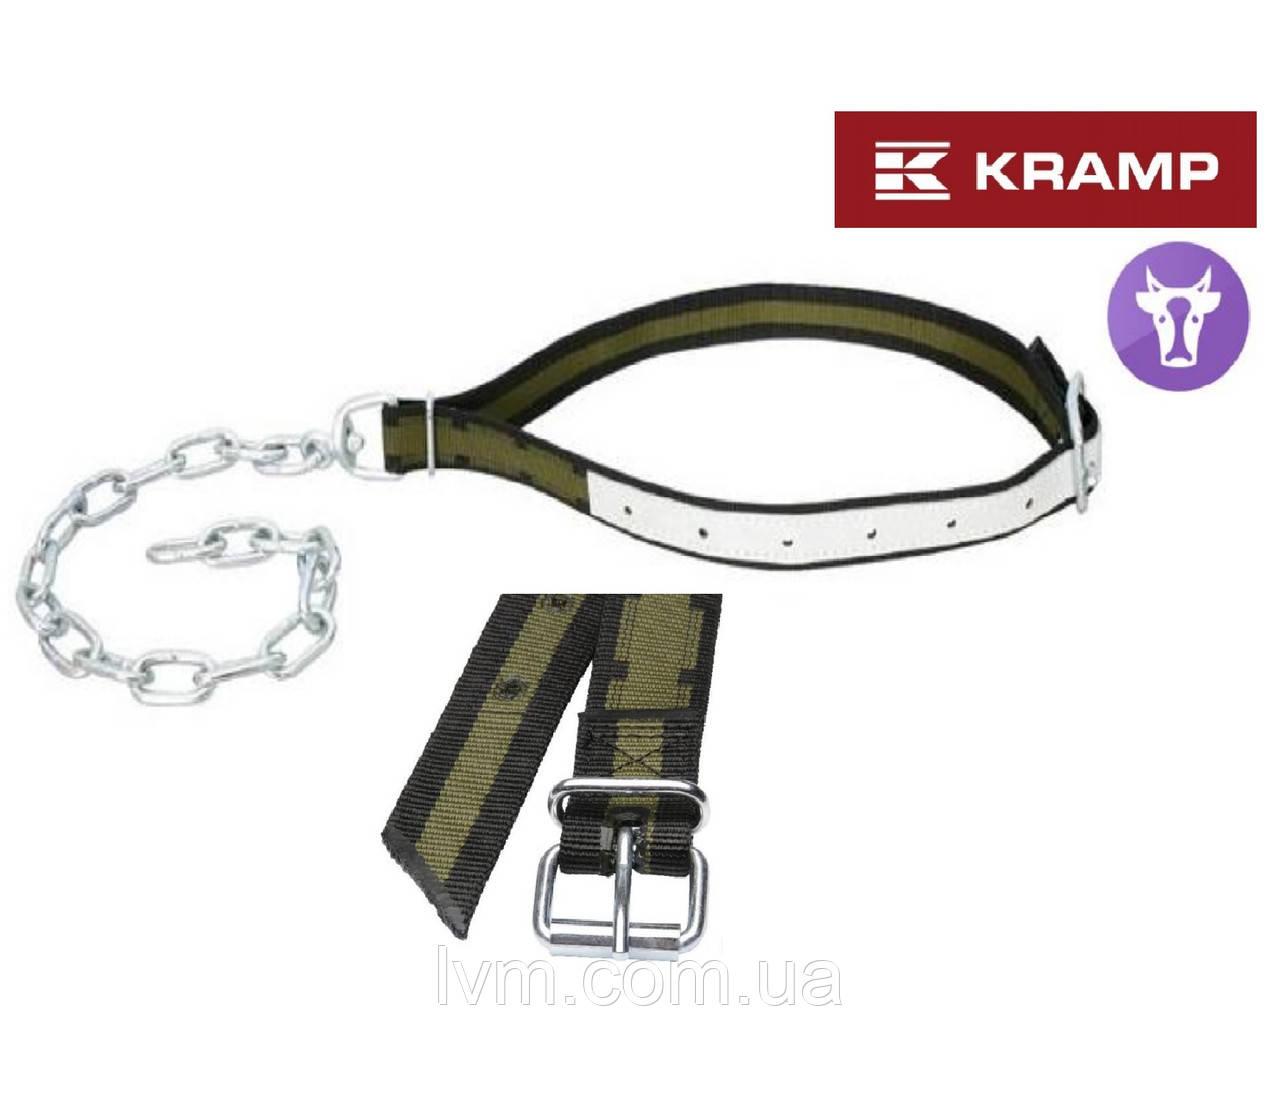 Ошейник 4*120см с цепком 77см и вертлюгом, с кожаной вставкой, для привязи коров KRAMP (Германия)